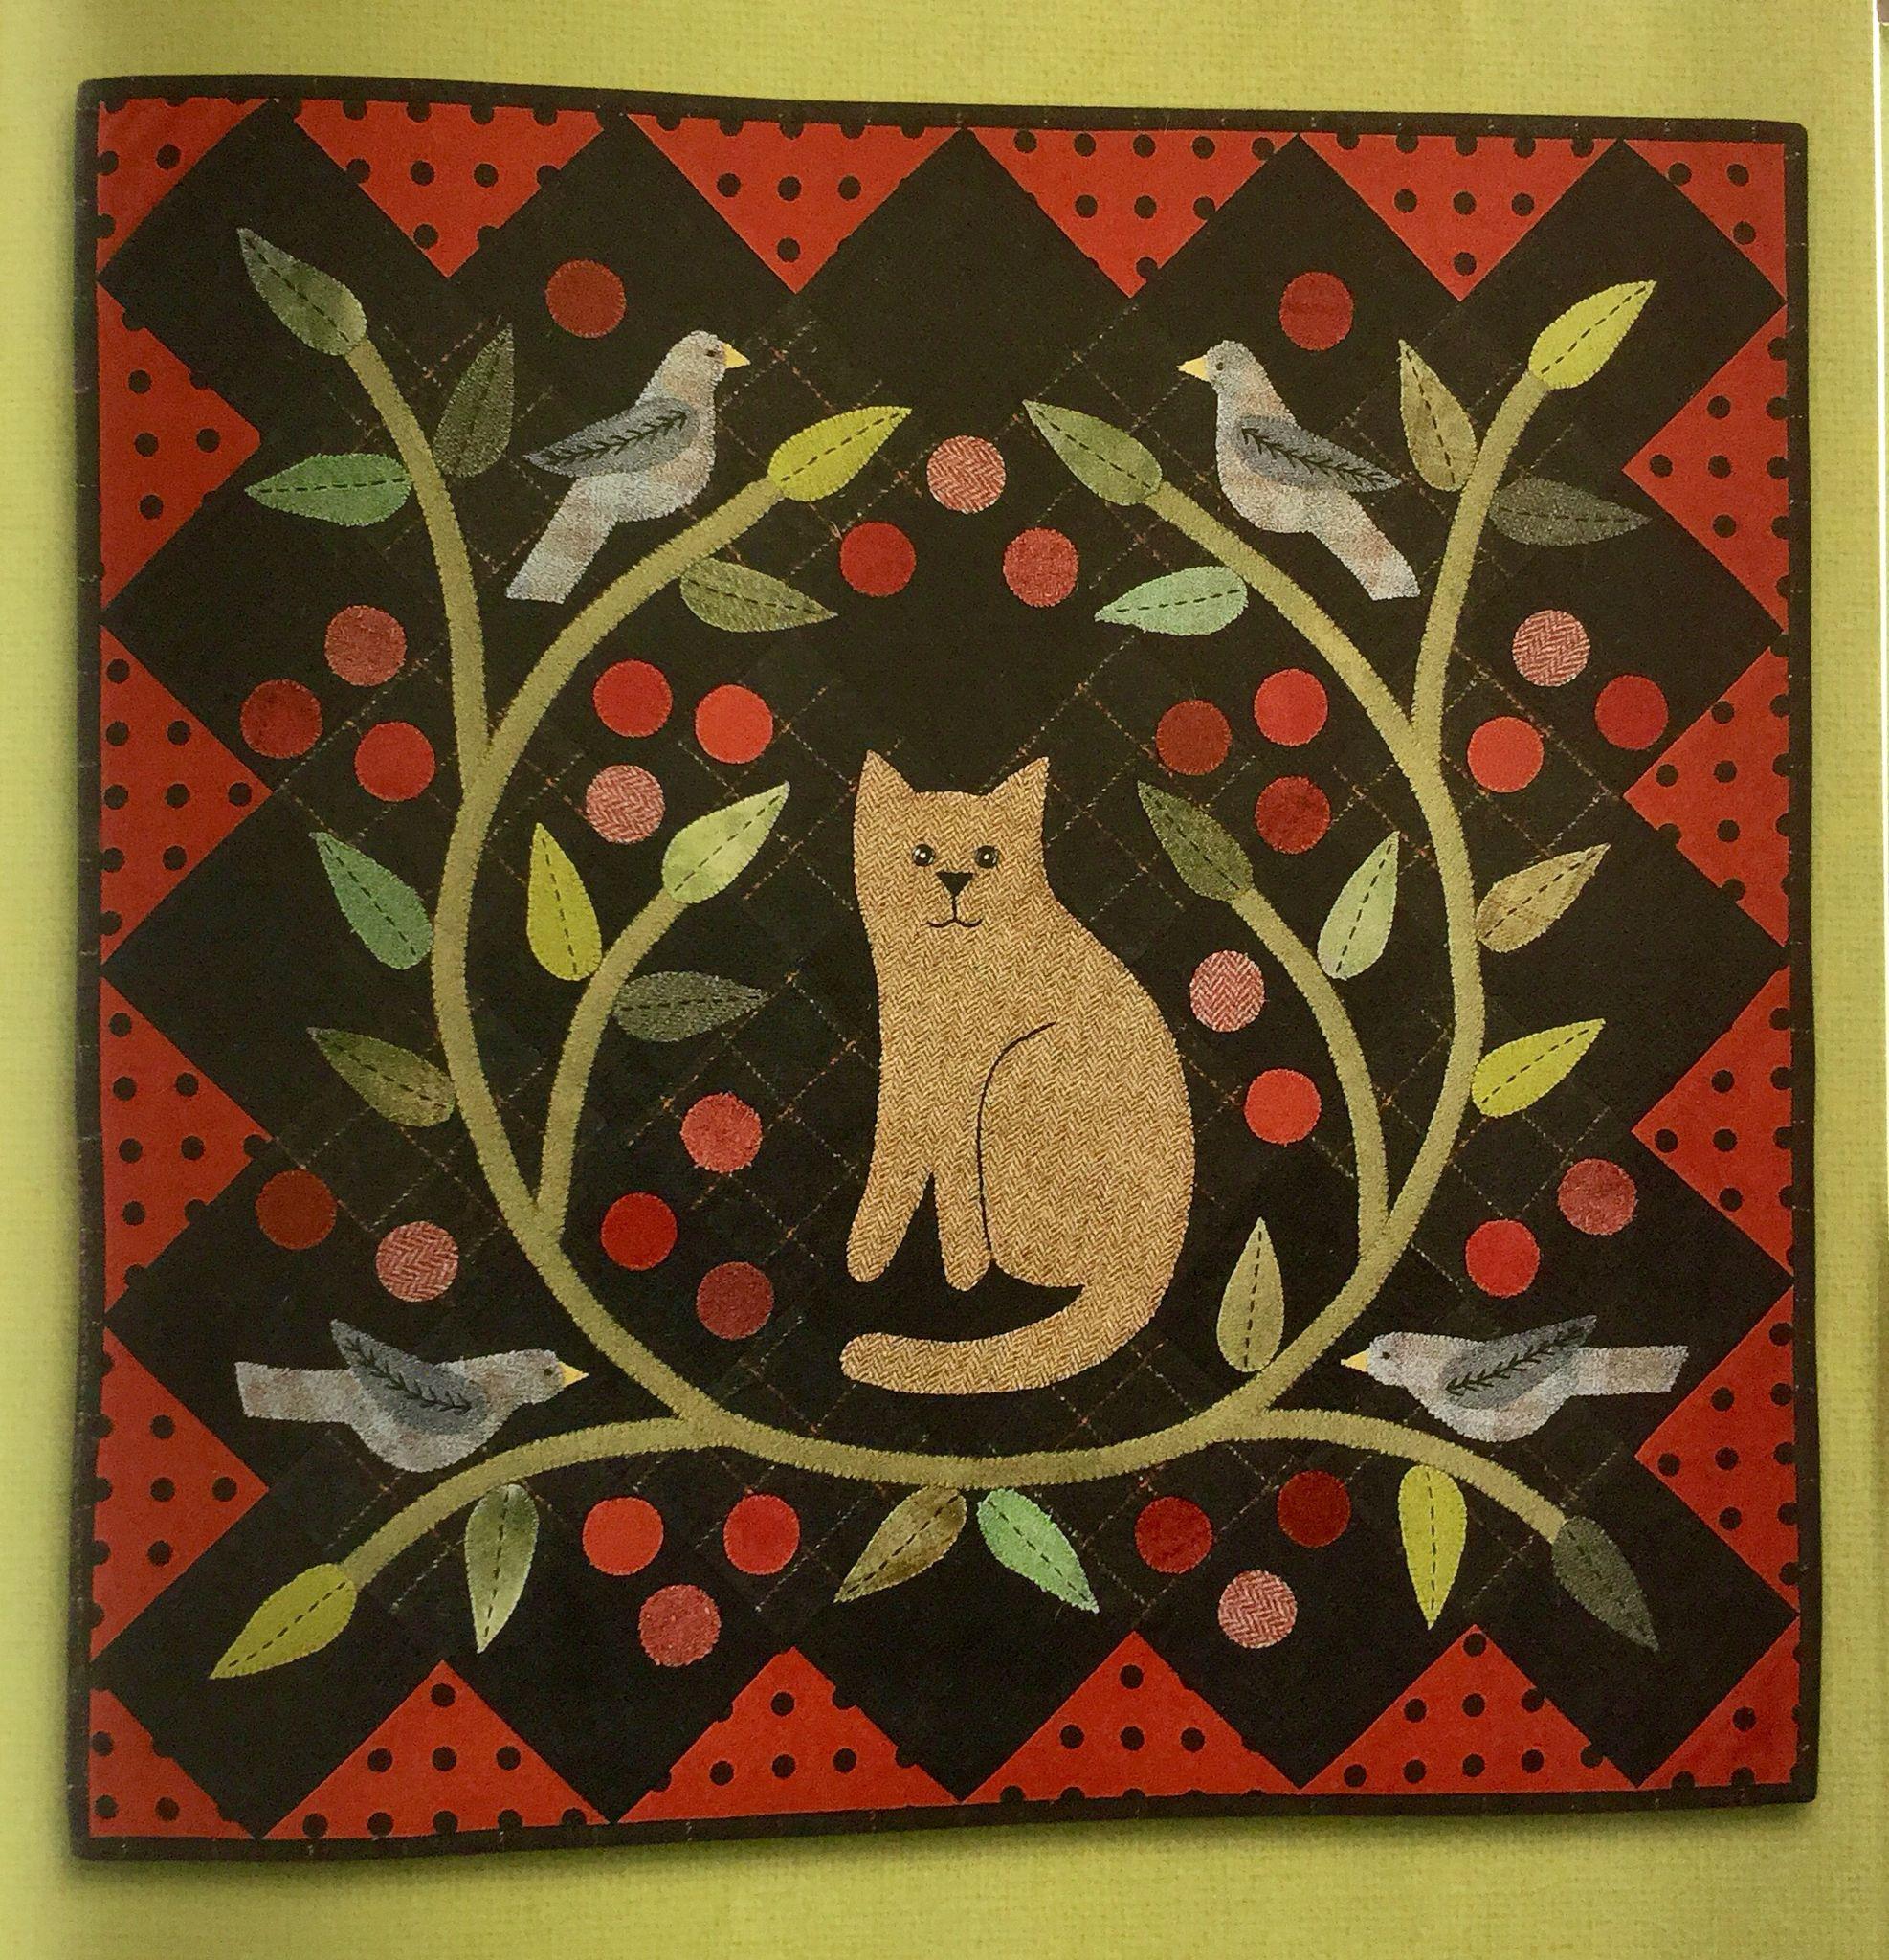 Fine Feathered Friends byBonnie Sullivan